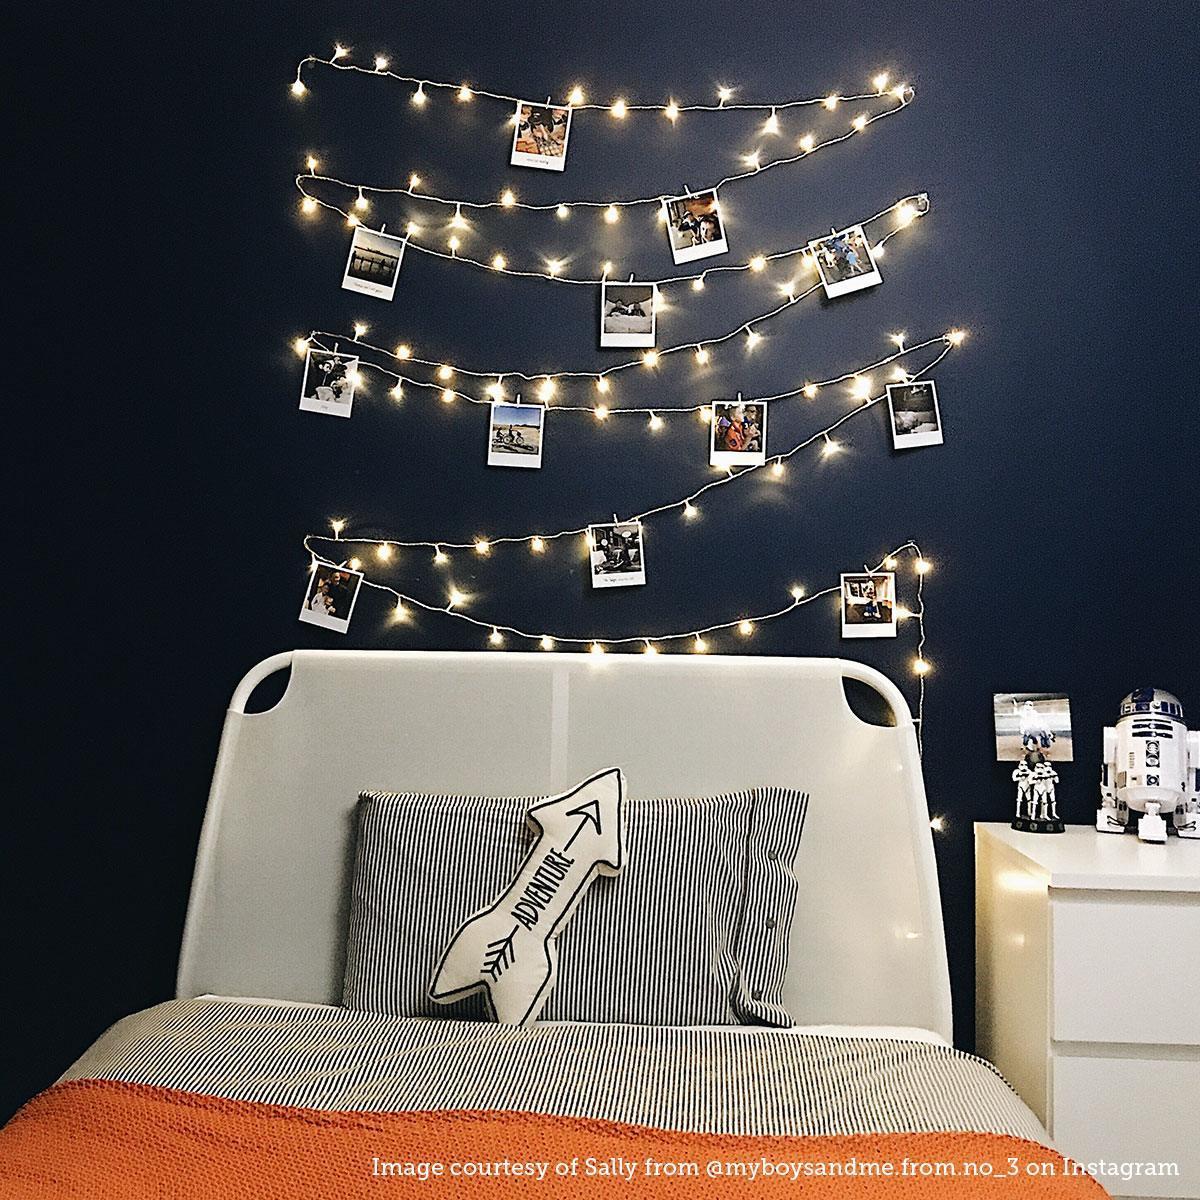 Bedroom Designs For Girls Bedroom Night Lights Bedroom Ideas White Bedroom Design Romantic: Bedroom Fairy Lights Ideas